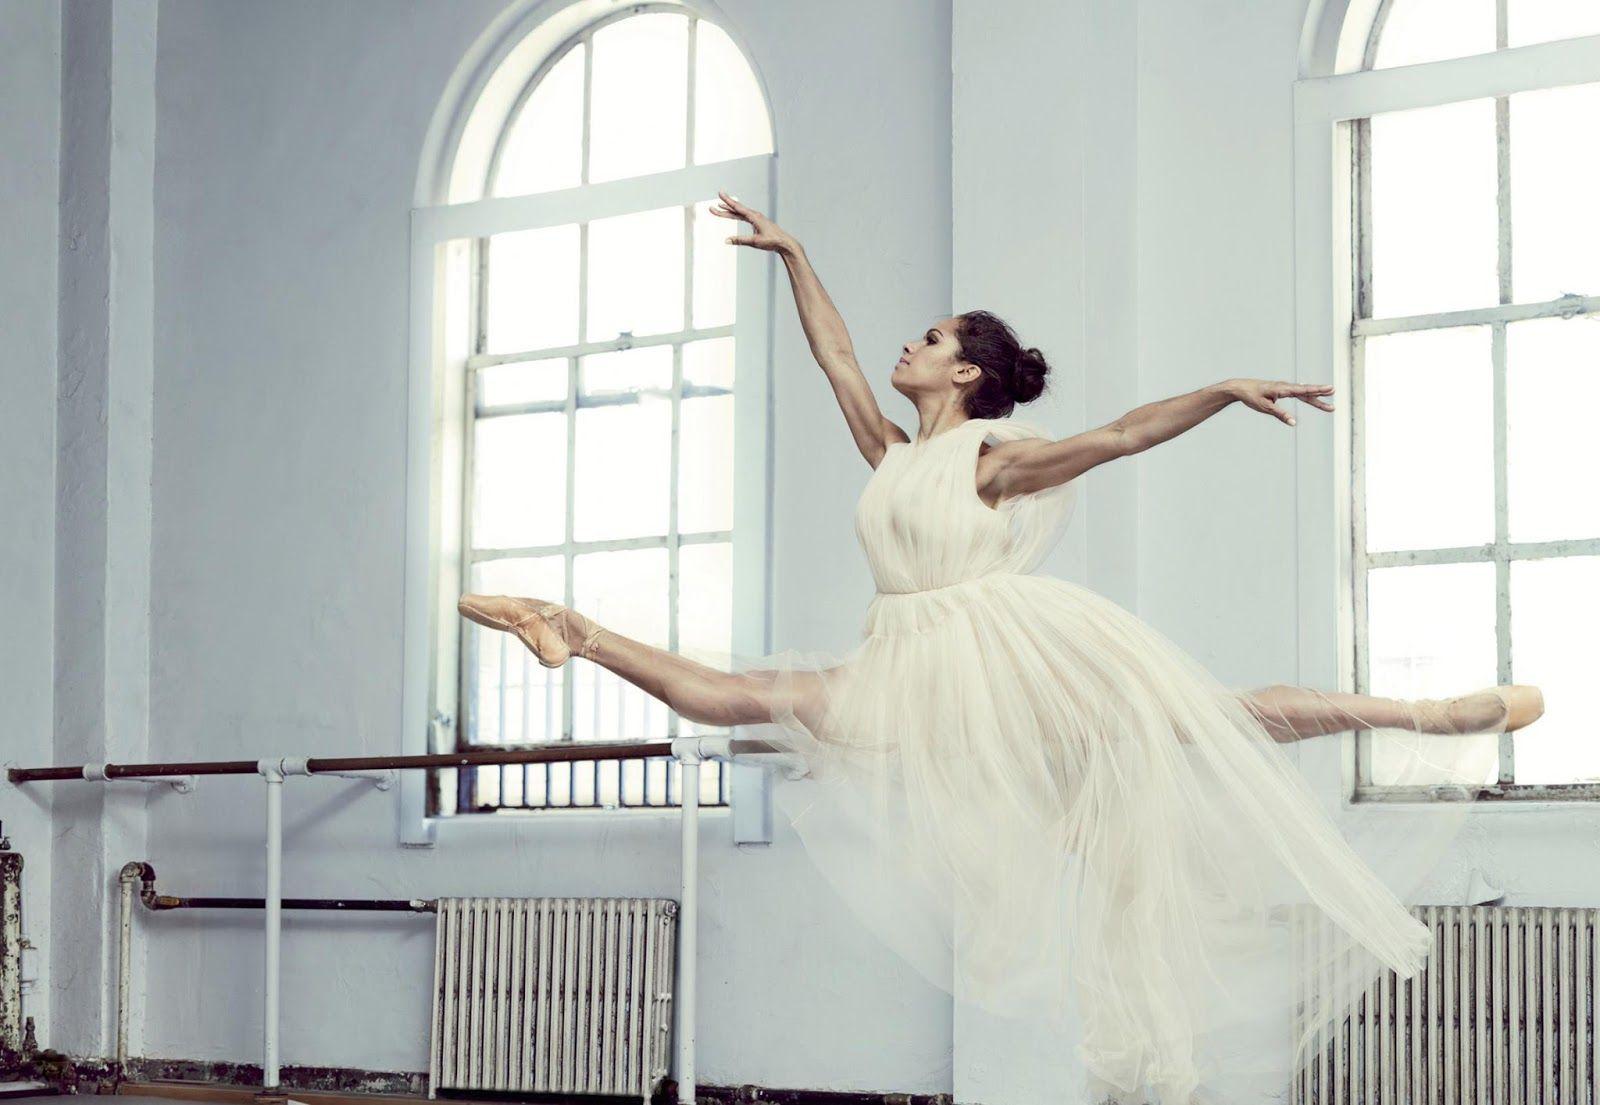 обочечникиу армяна балерина фотосессия идеи бронировали отель